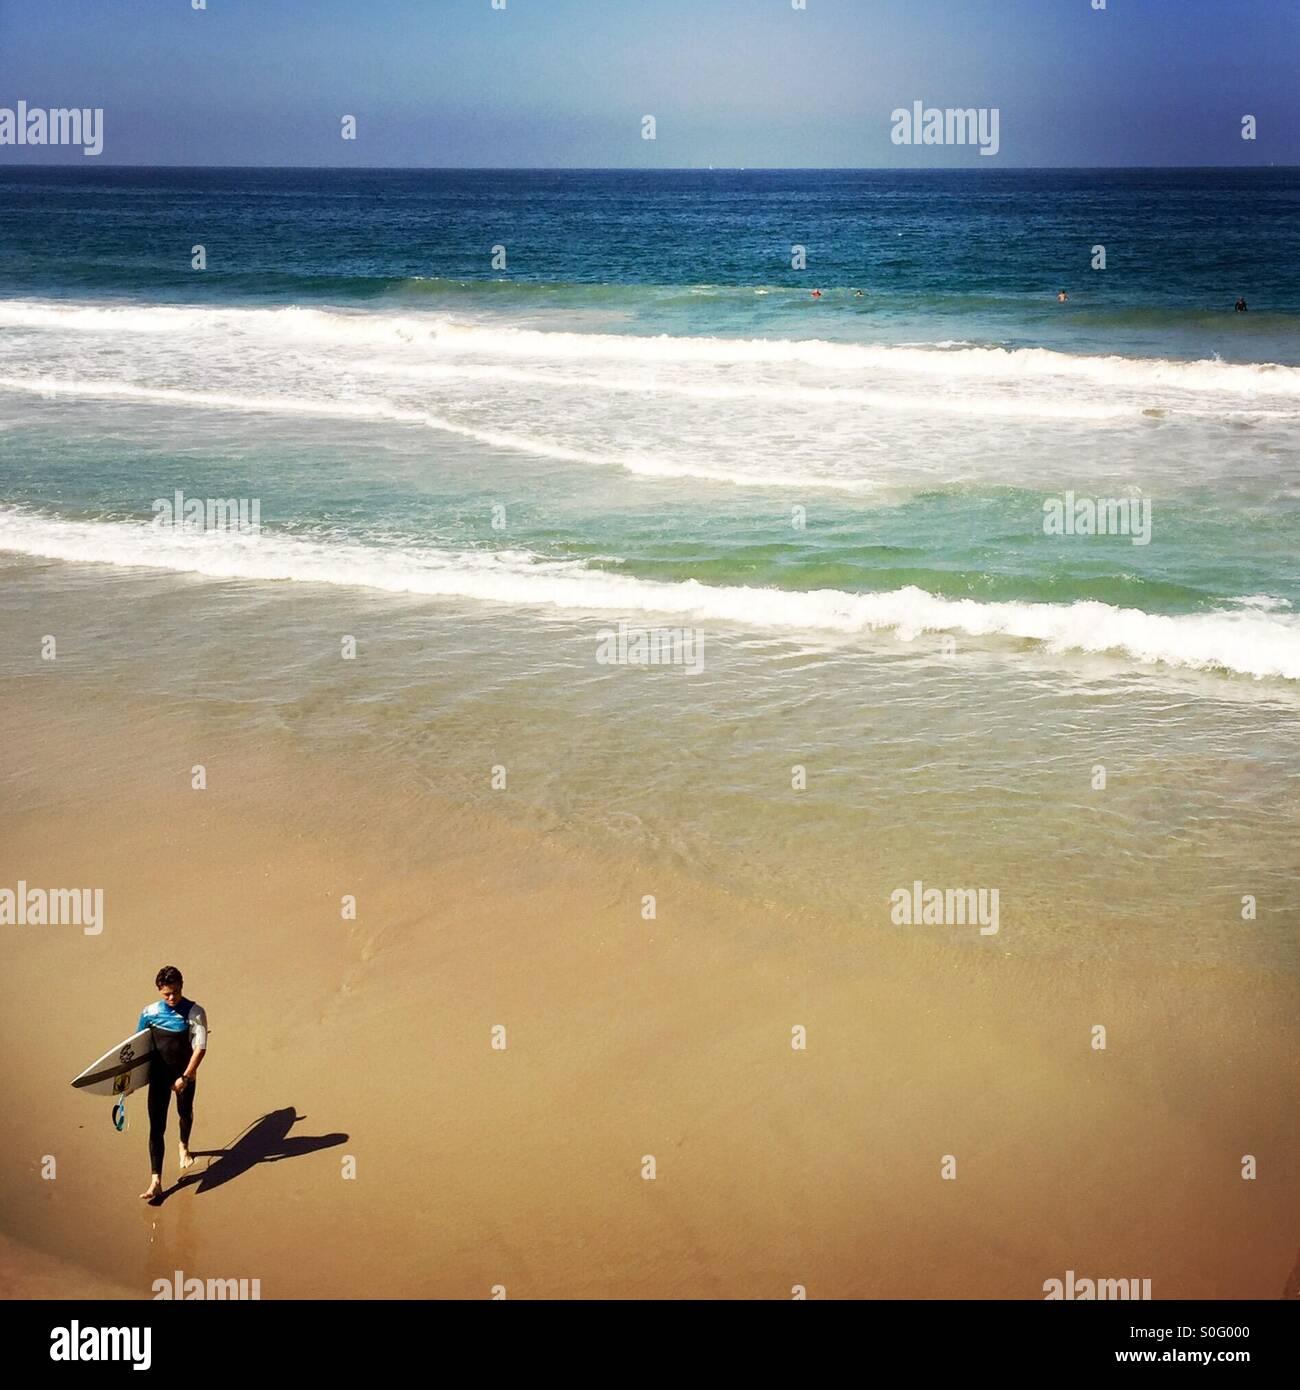 Un surfeur mâle s'approche de la plage. Manhattan Beach, en Californie. USA. Banque D'Images